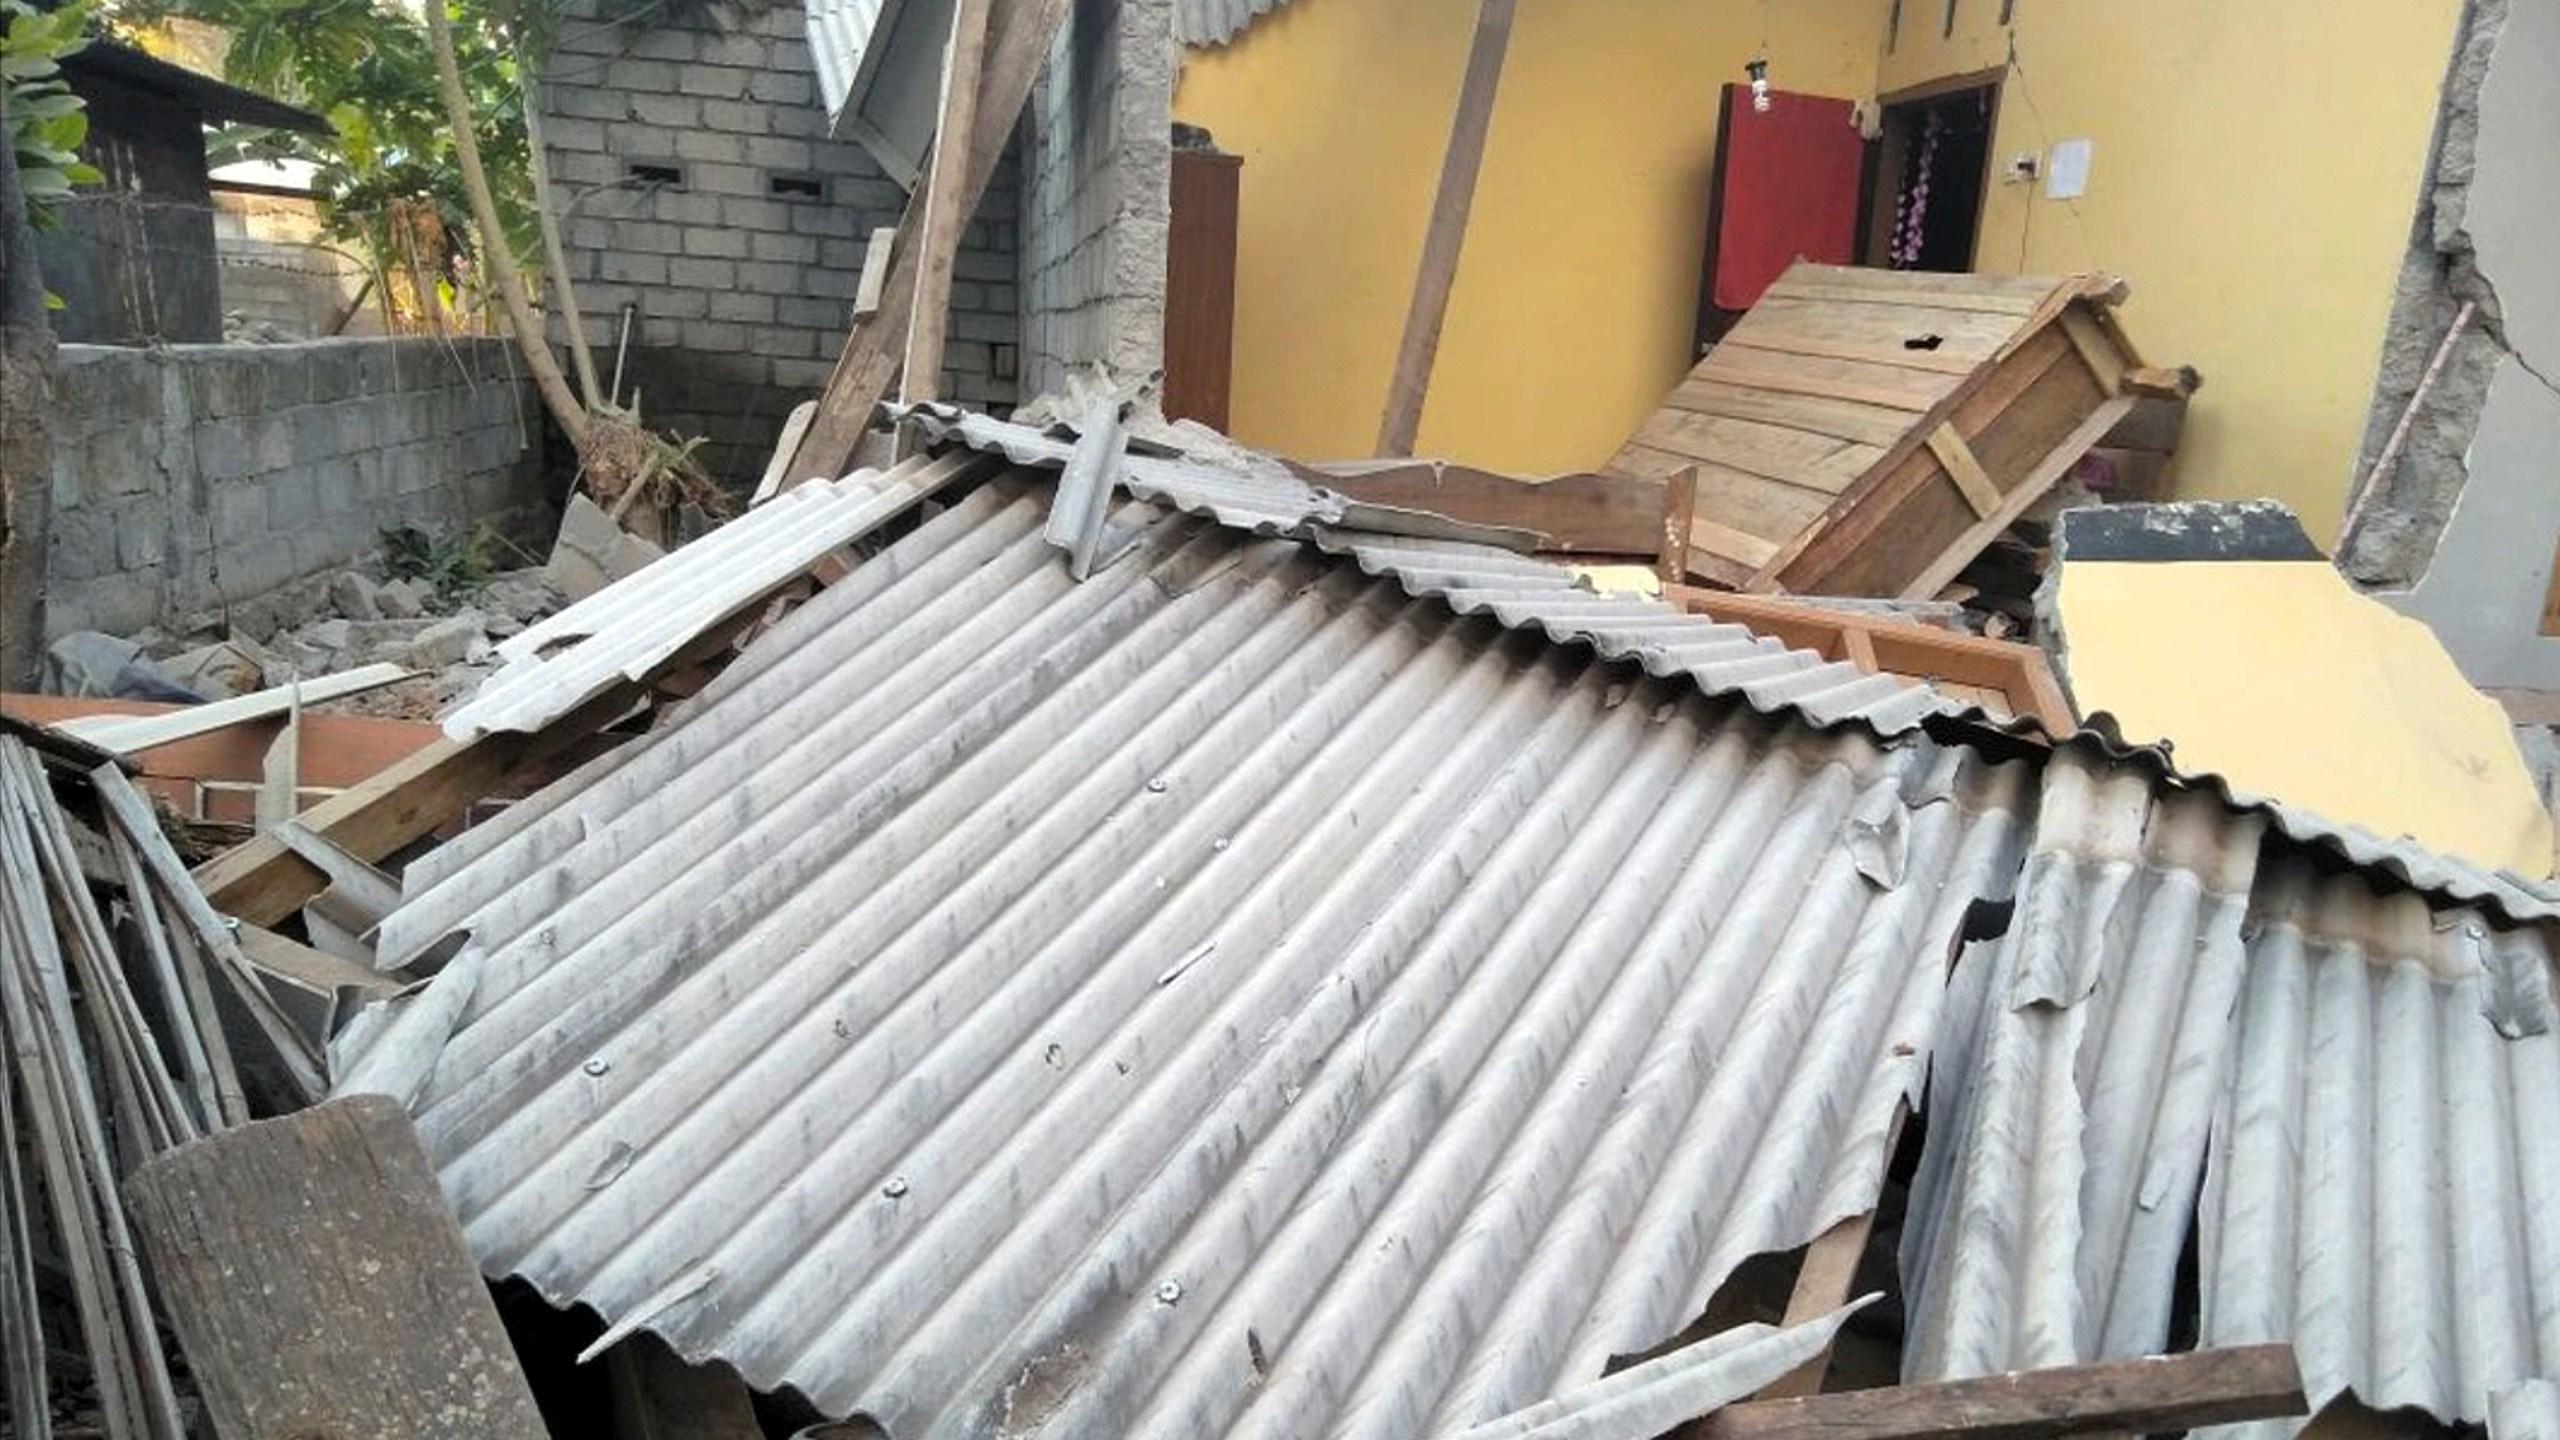 Indonesia_Earthquake_73815-159532.jpg69387354